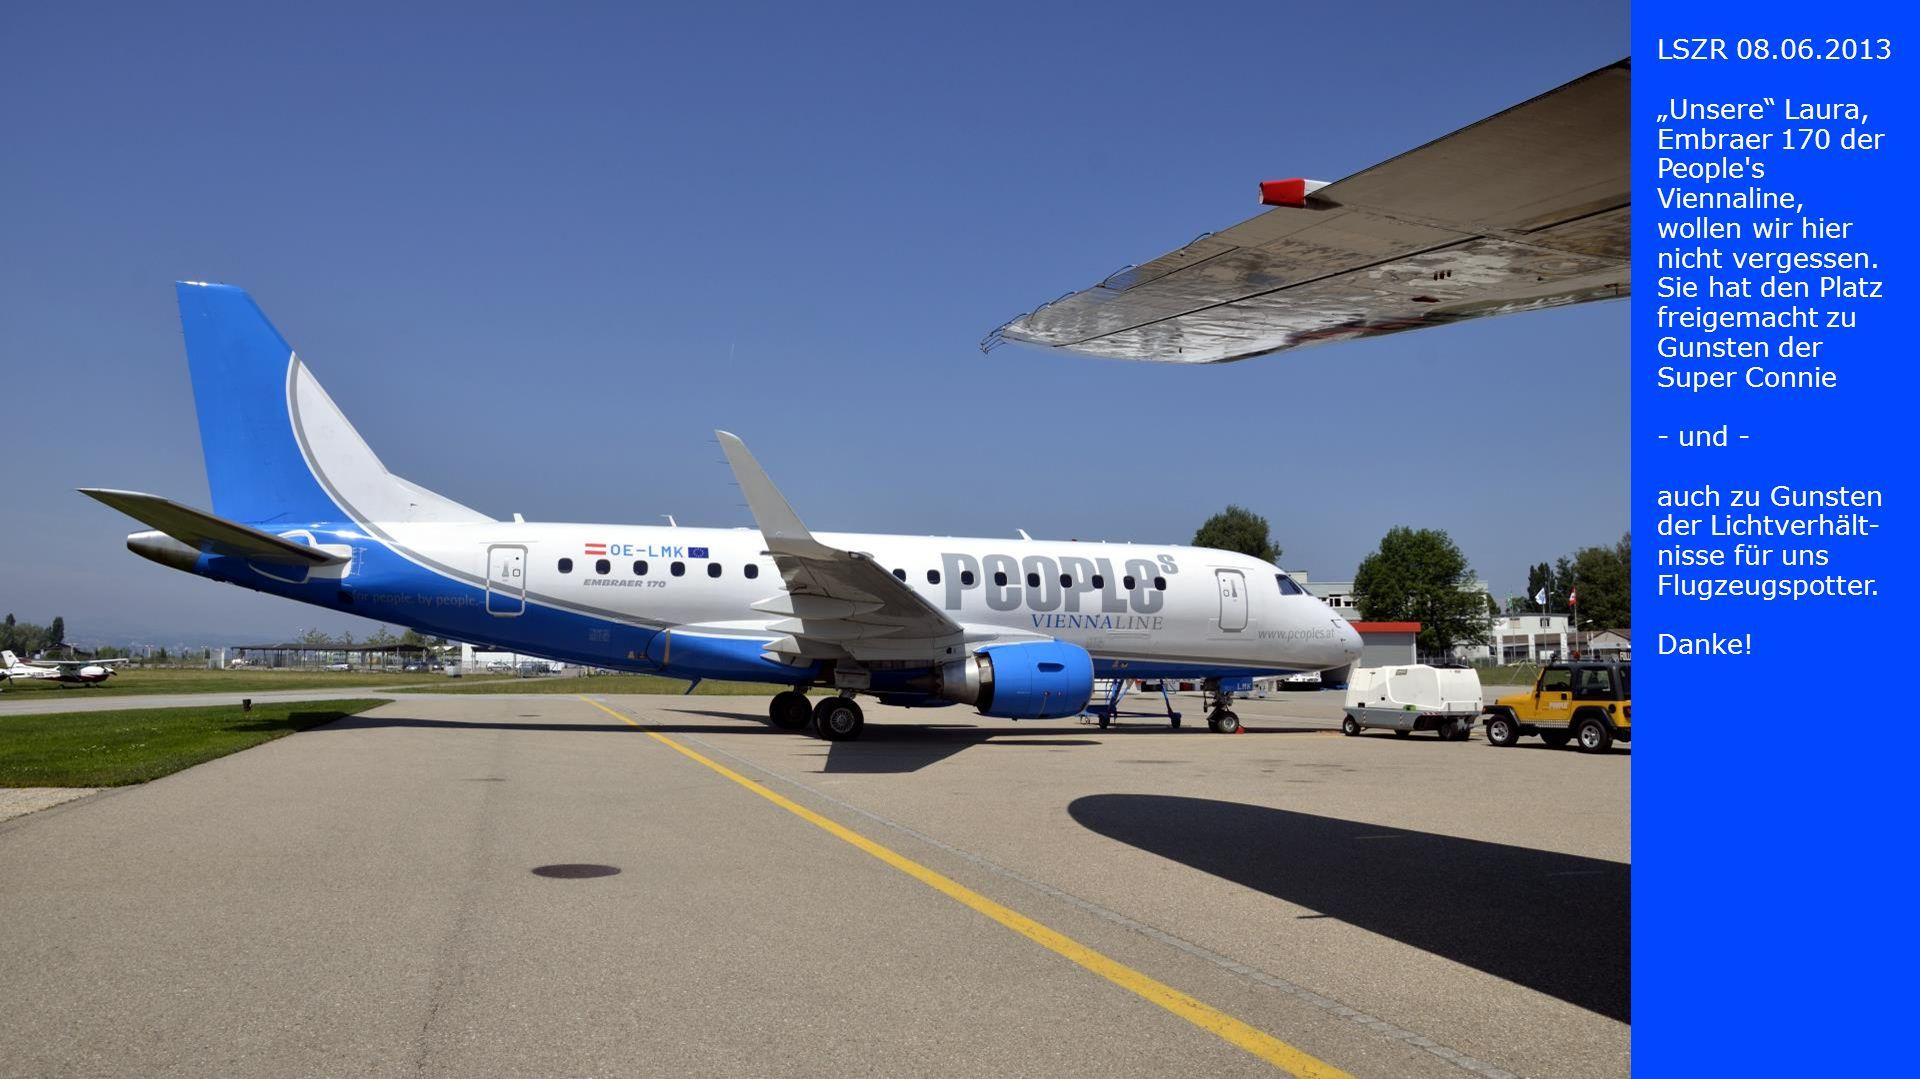 Unsere Laura, Embraer 170 der People s Viennaline, wollen wir hier nicht vergessen.